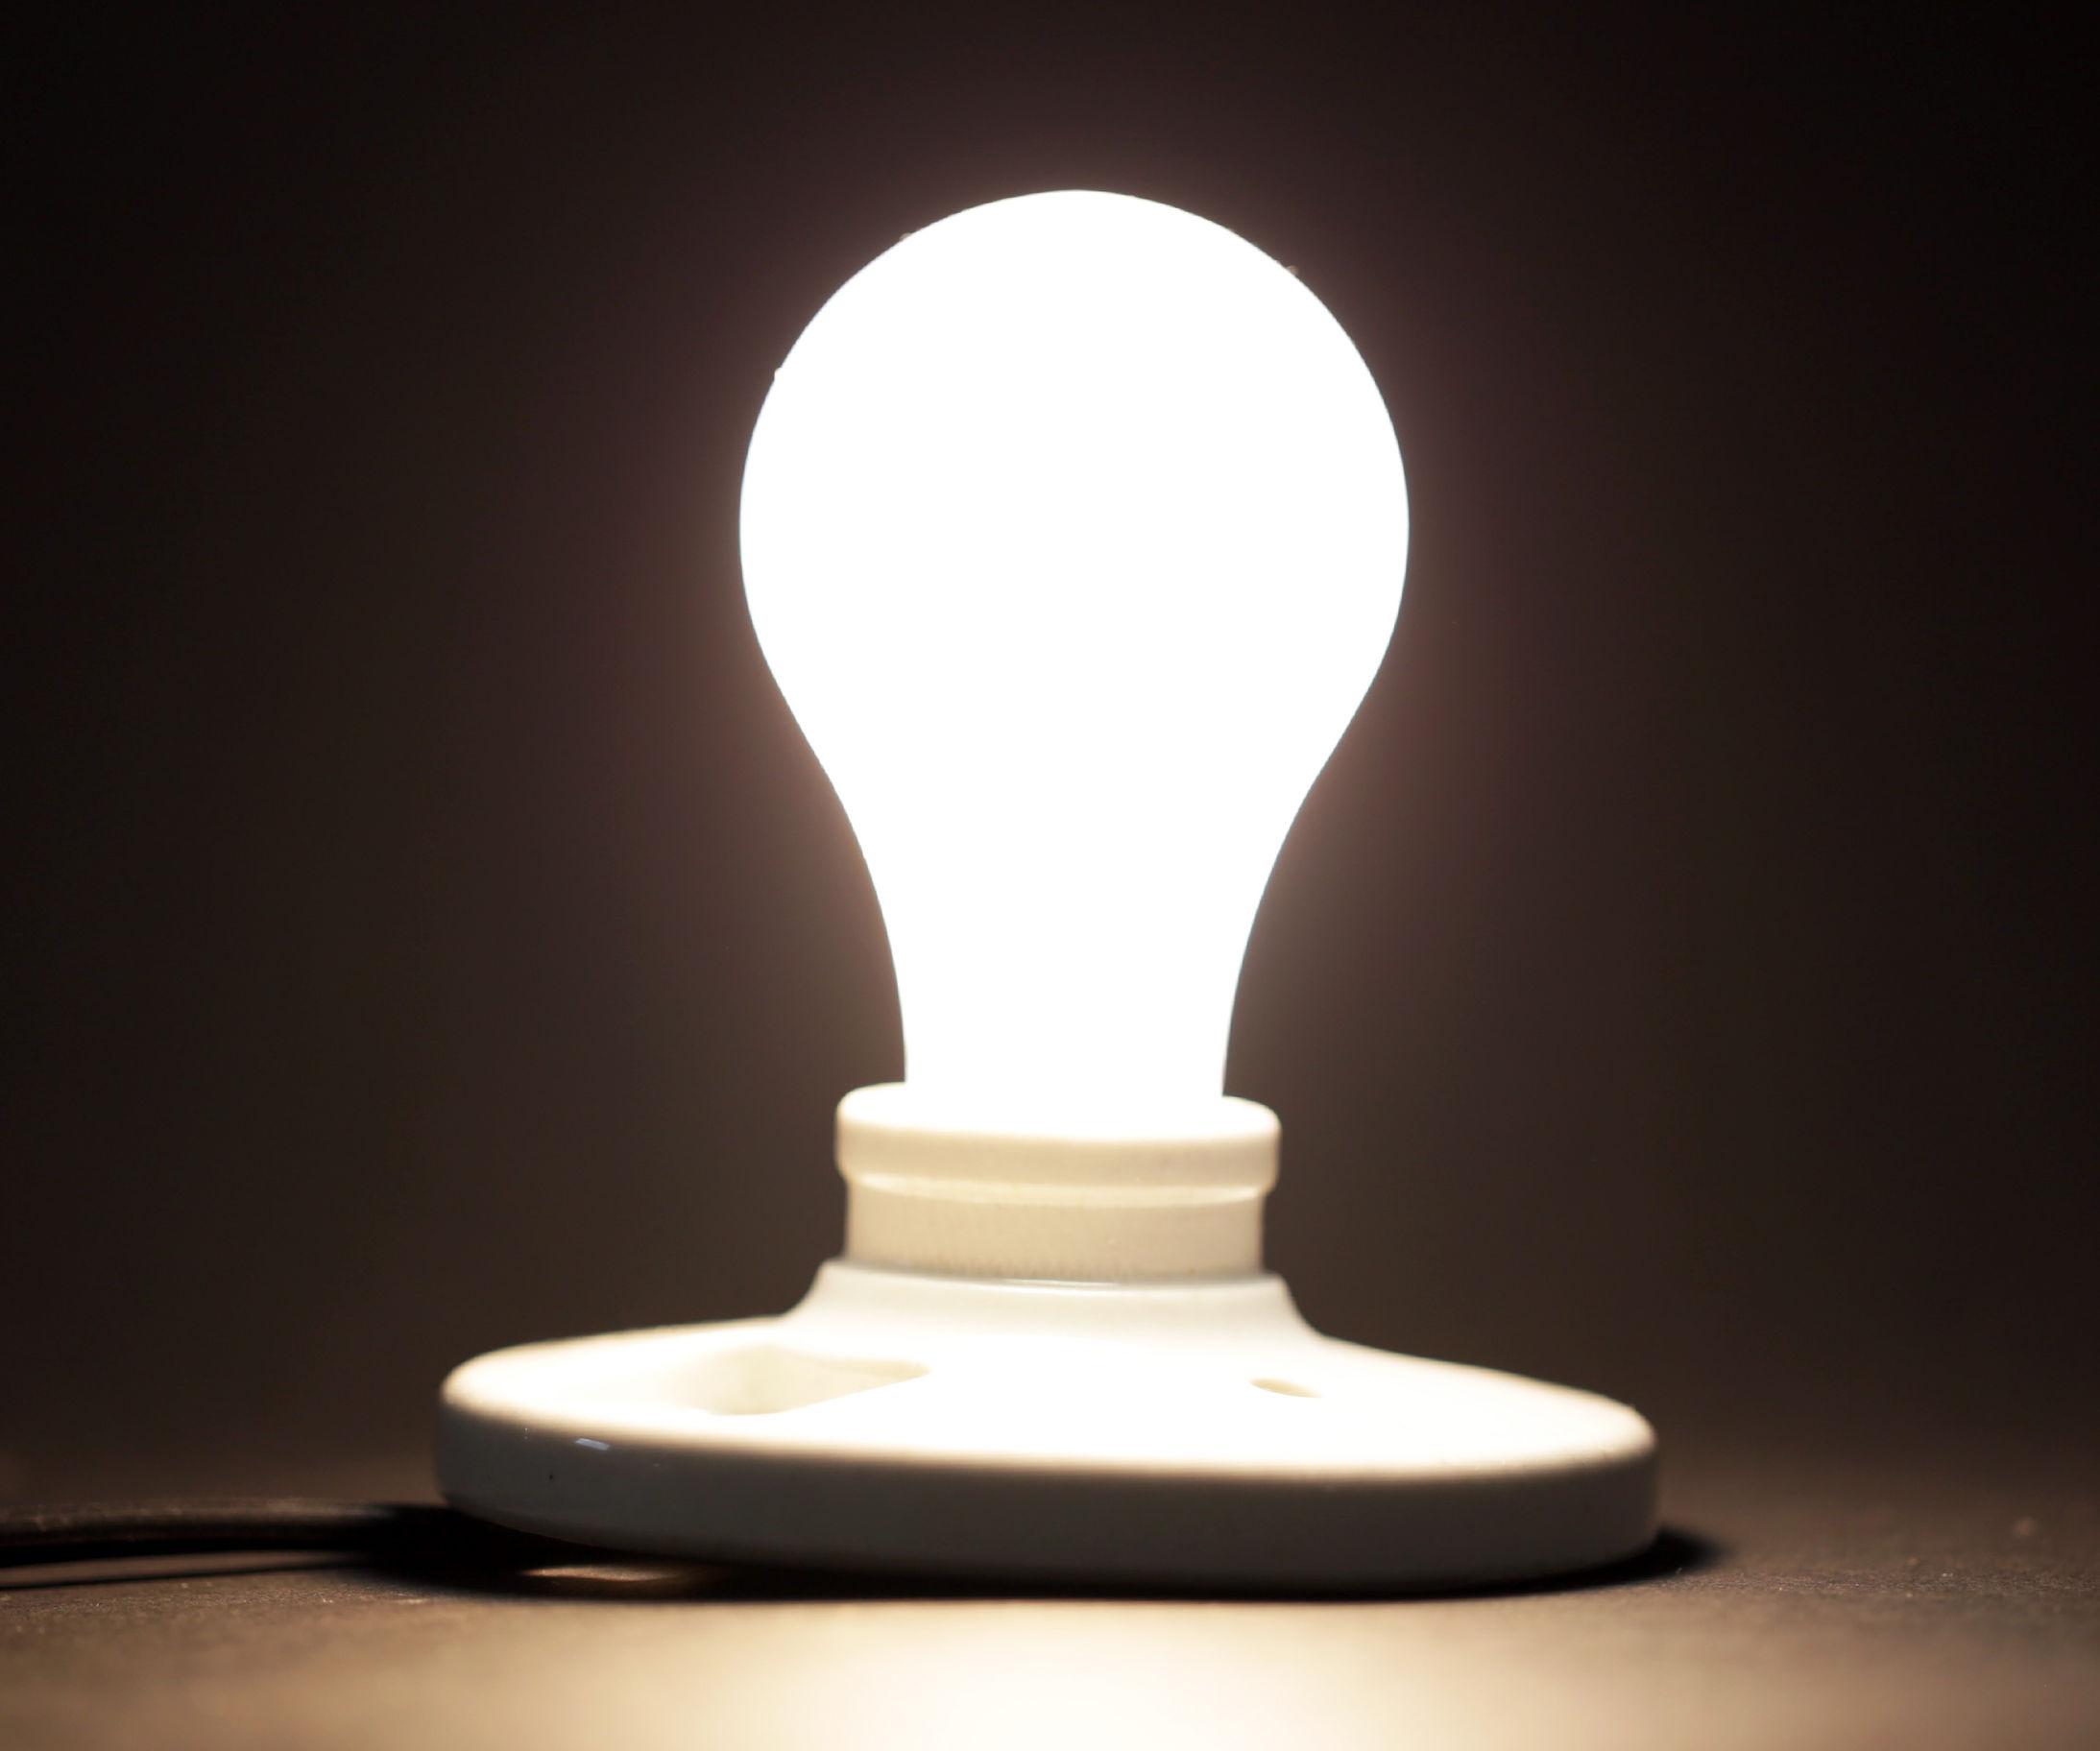 Thread Fluorescent Light Fixture Wiring Question